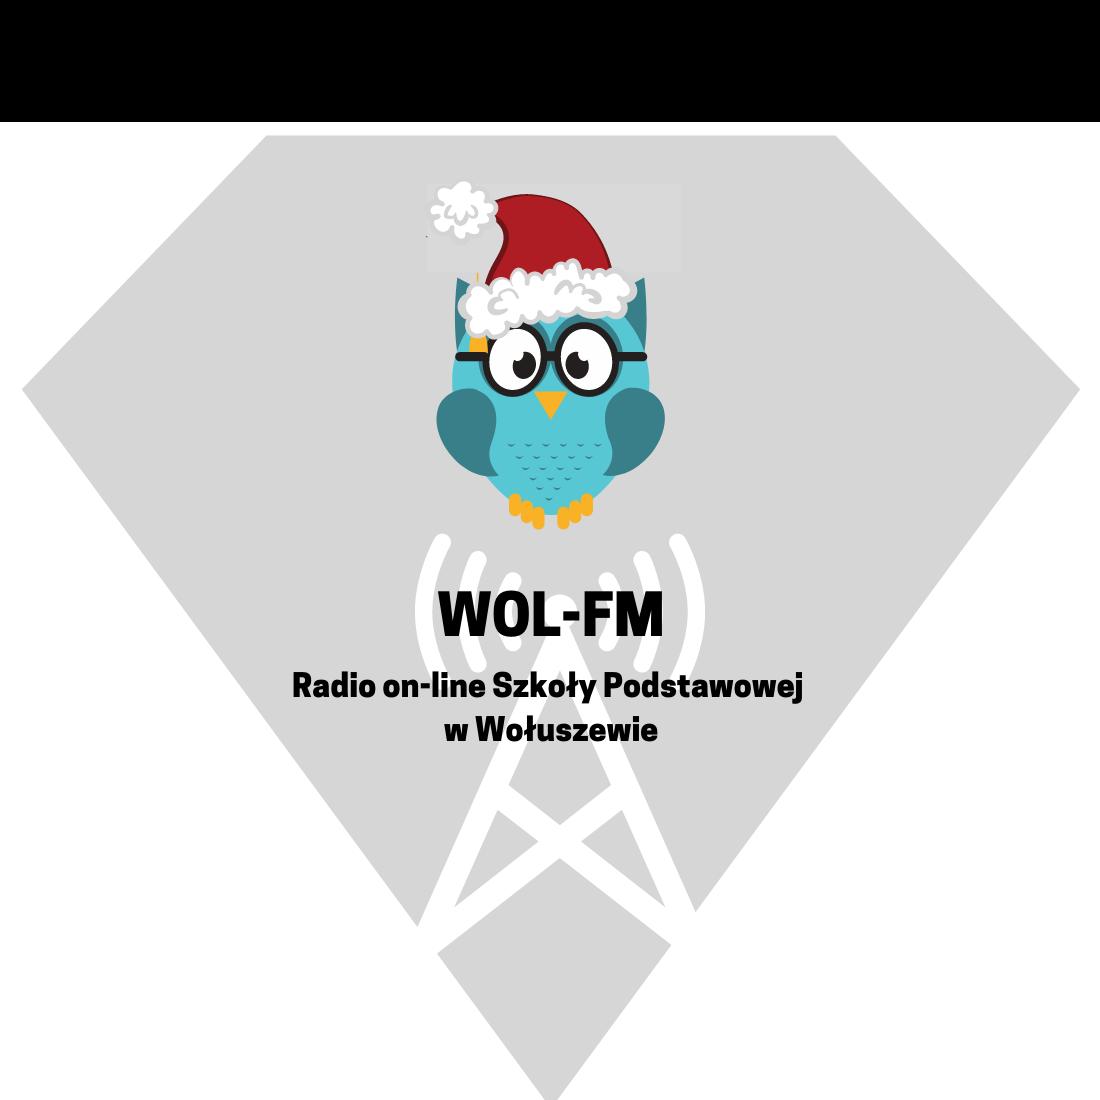 WOL-FM